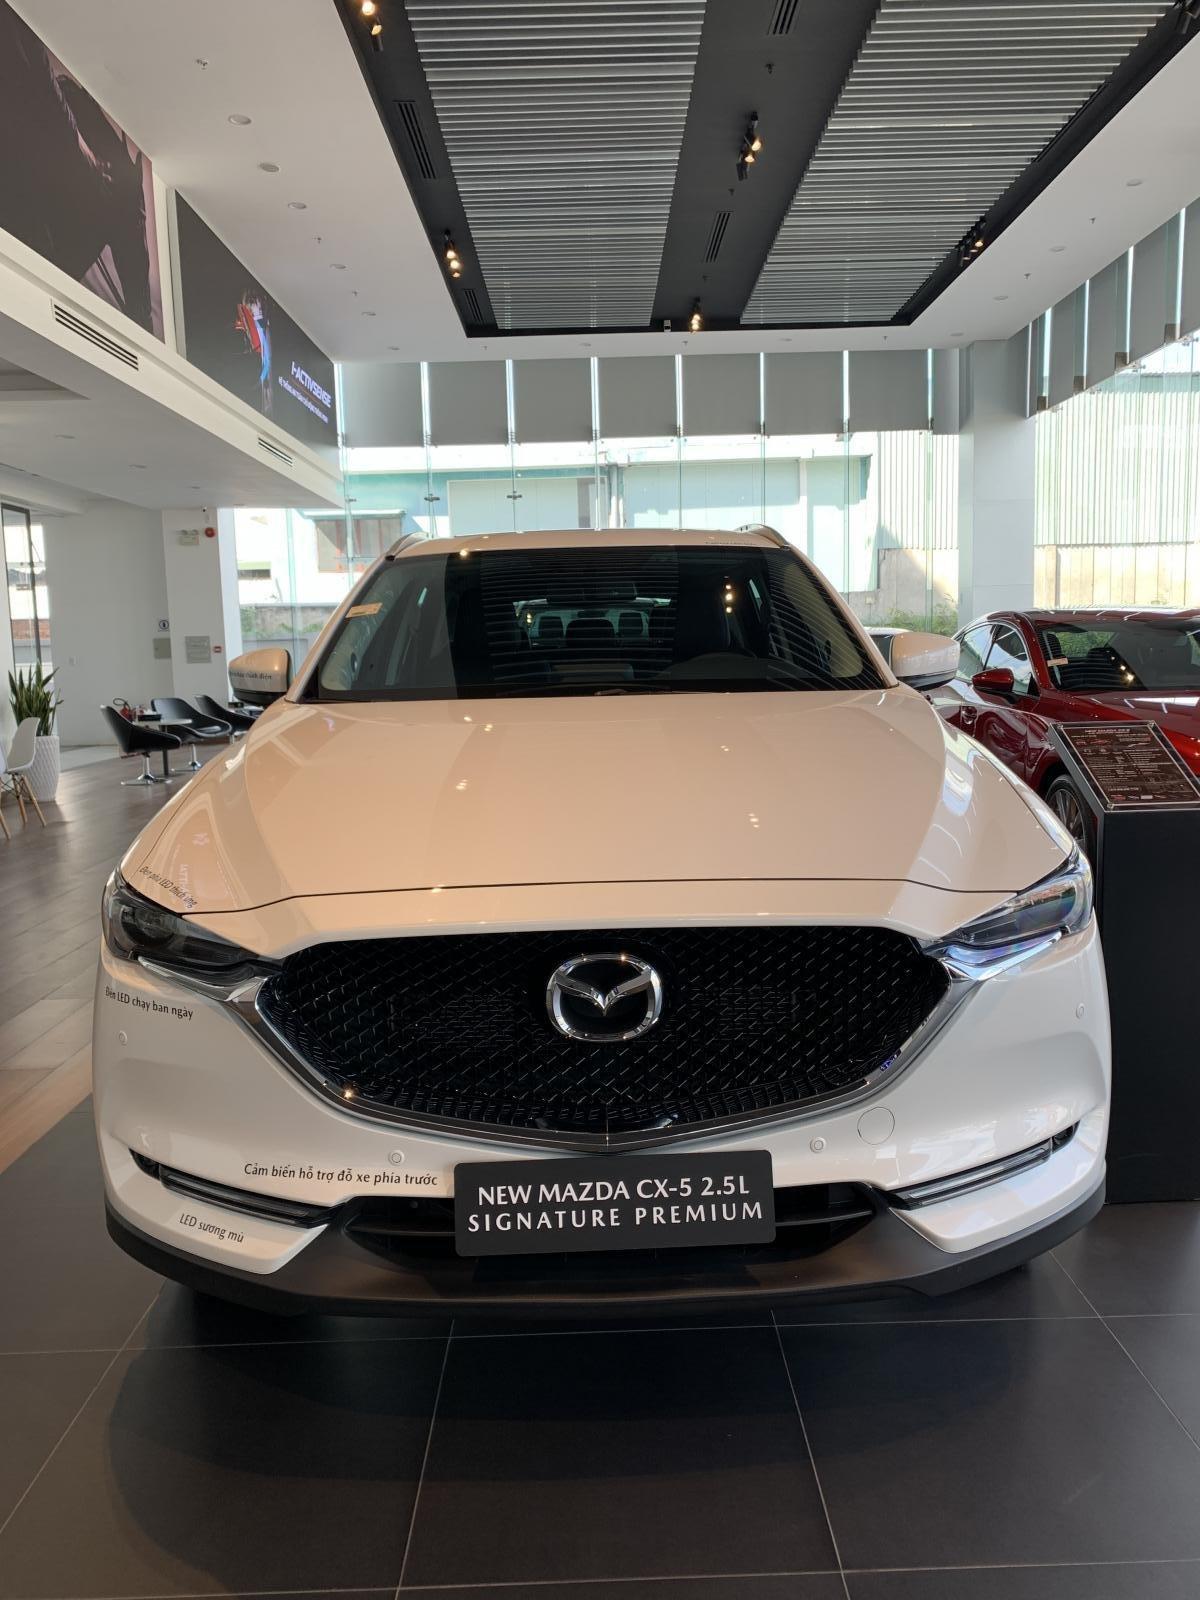 Bán Mazda CX5 giá từ 859tr xe giao ngay, liên hệ ngay với chúng tôi để nhận được ưu đãi tốt nhất (1)